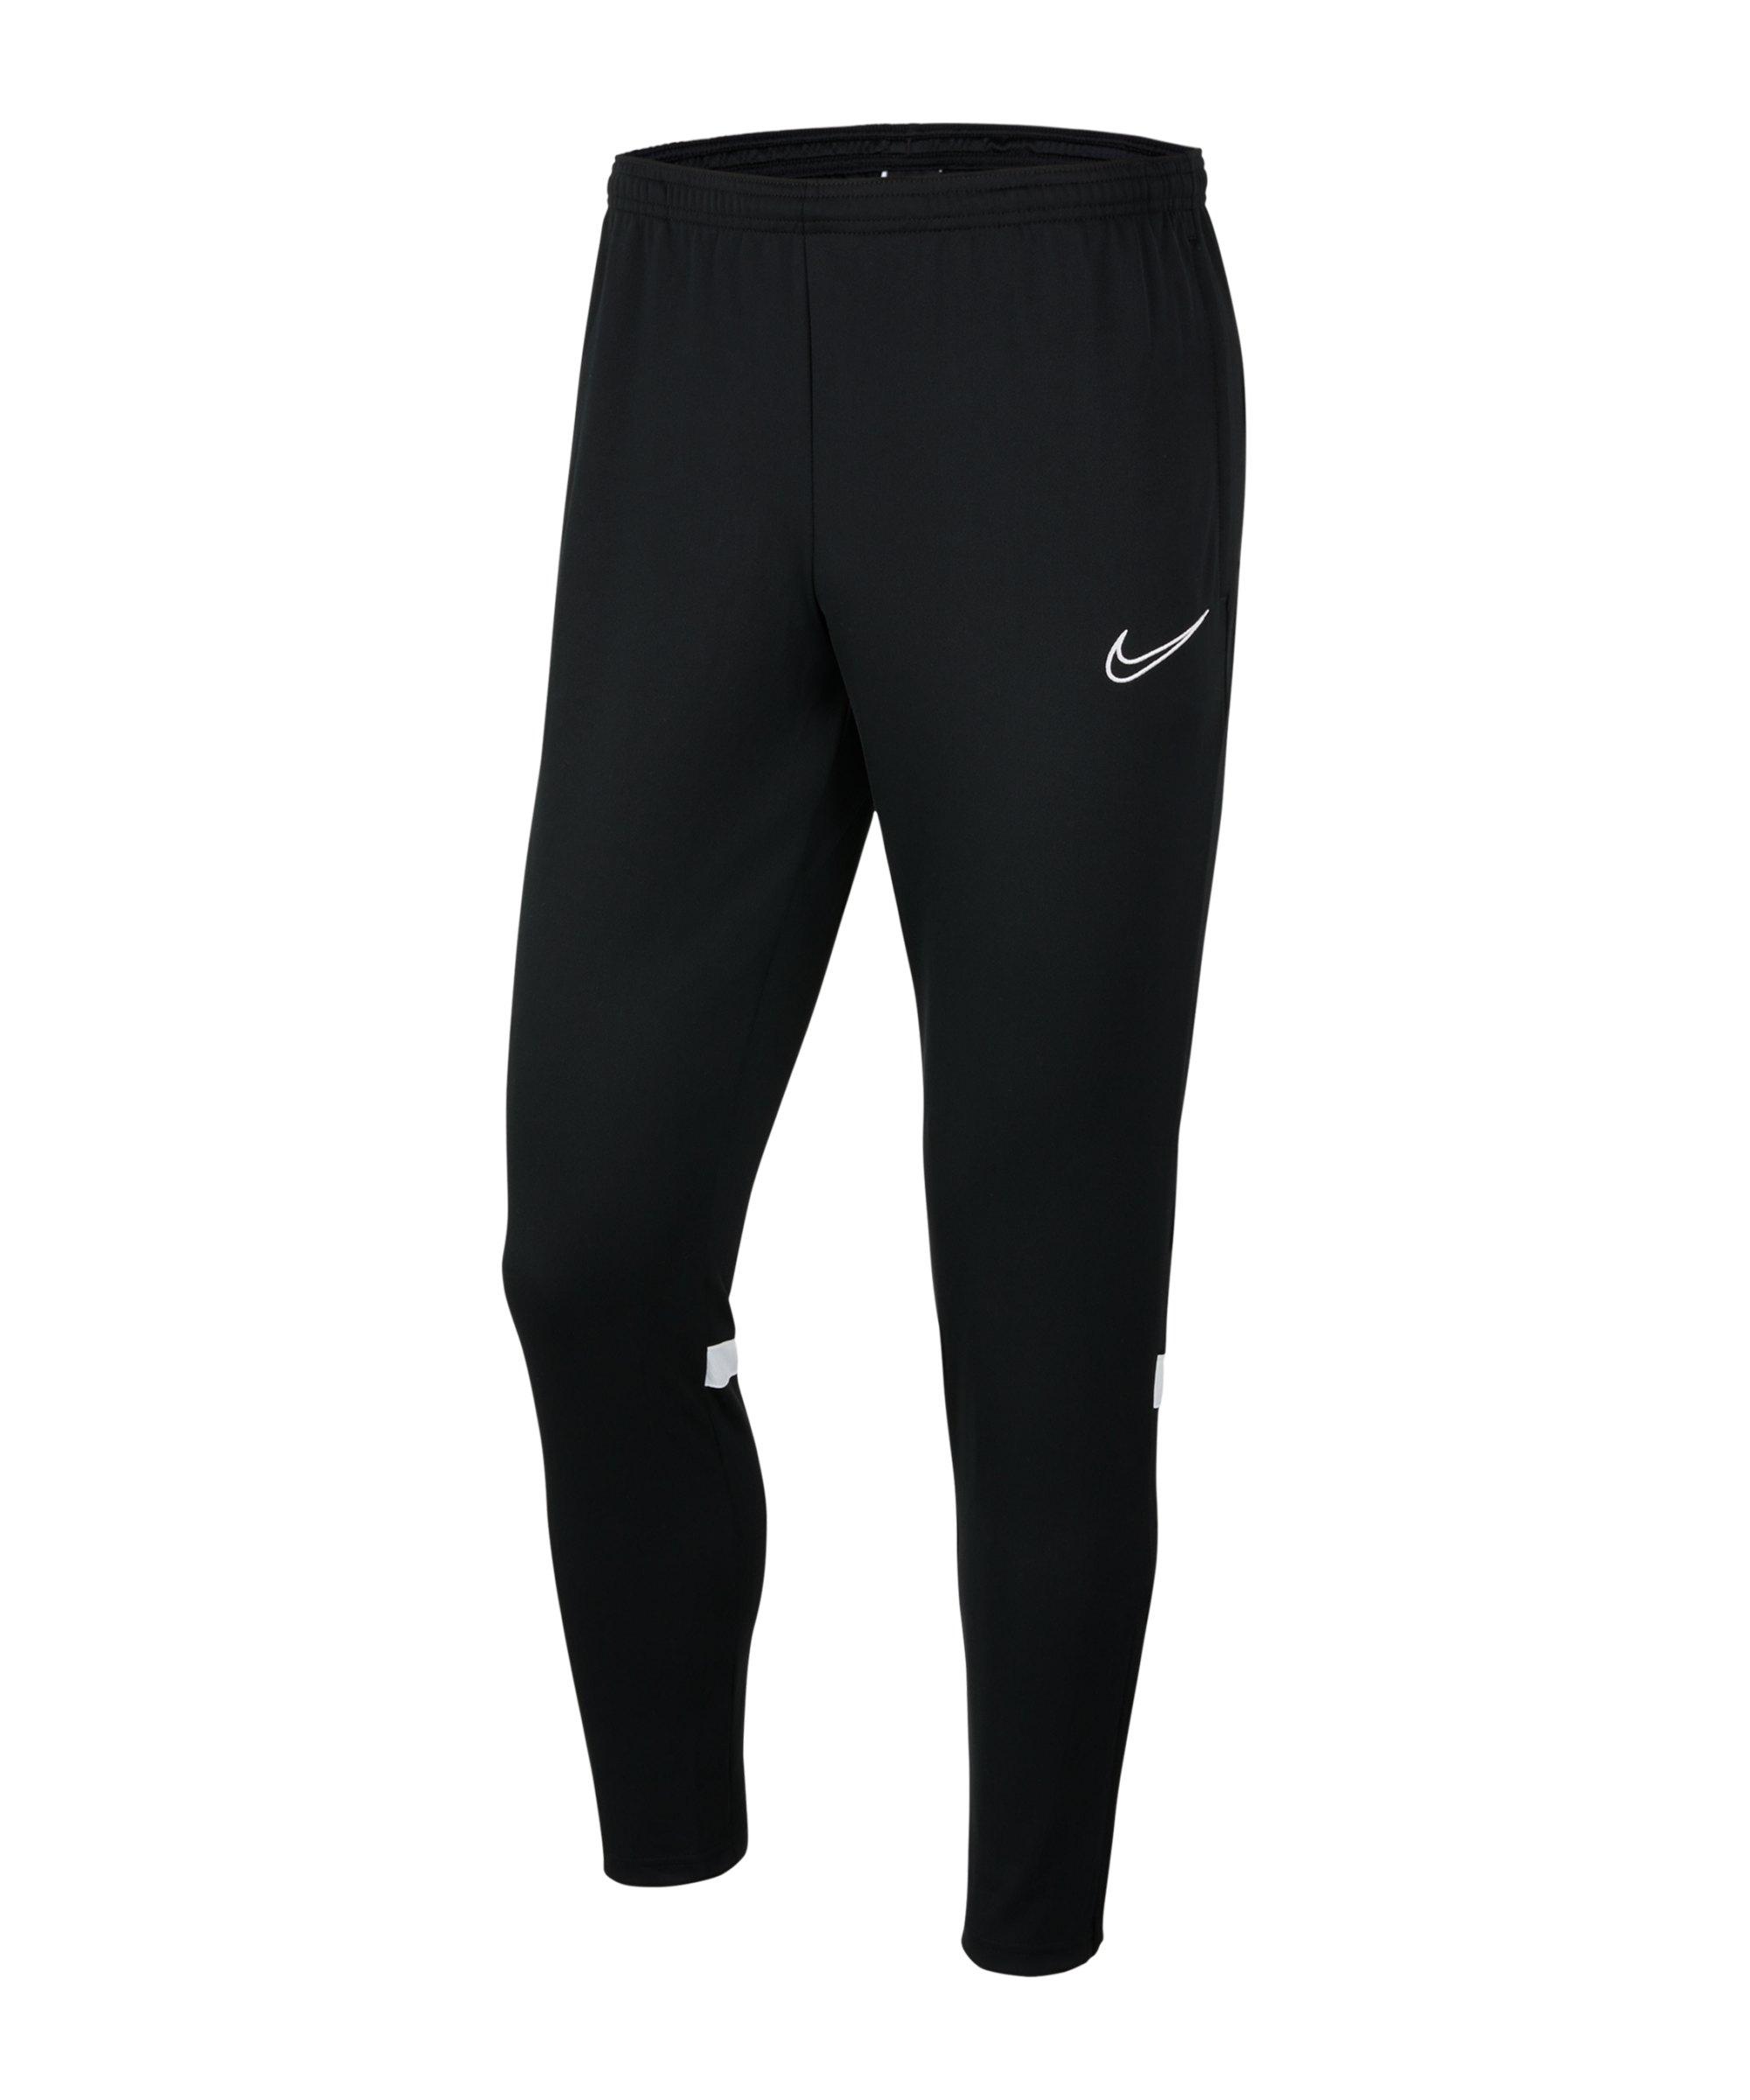 Nike Academy 21 Trainingshose Kids Schwarz F010 - schwarz